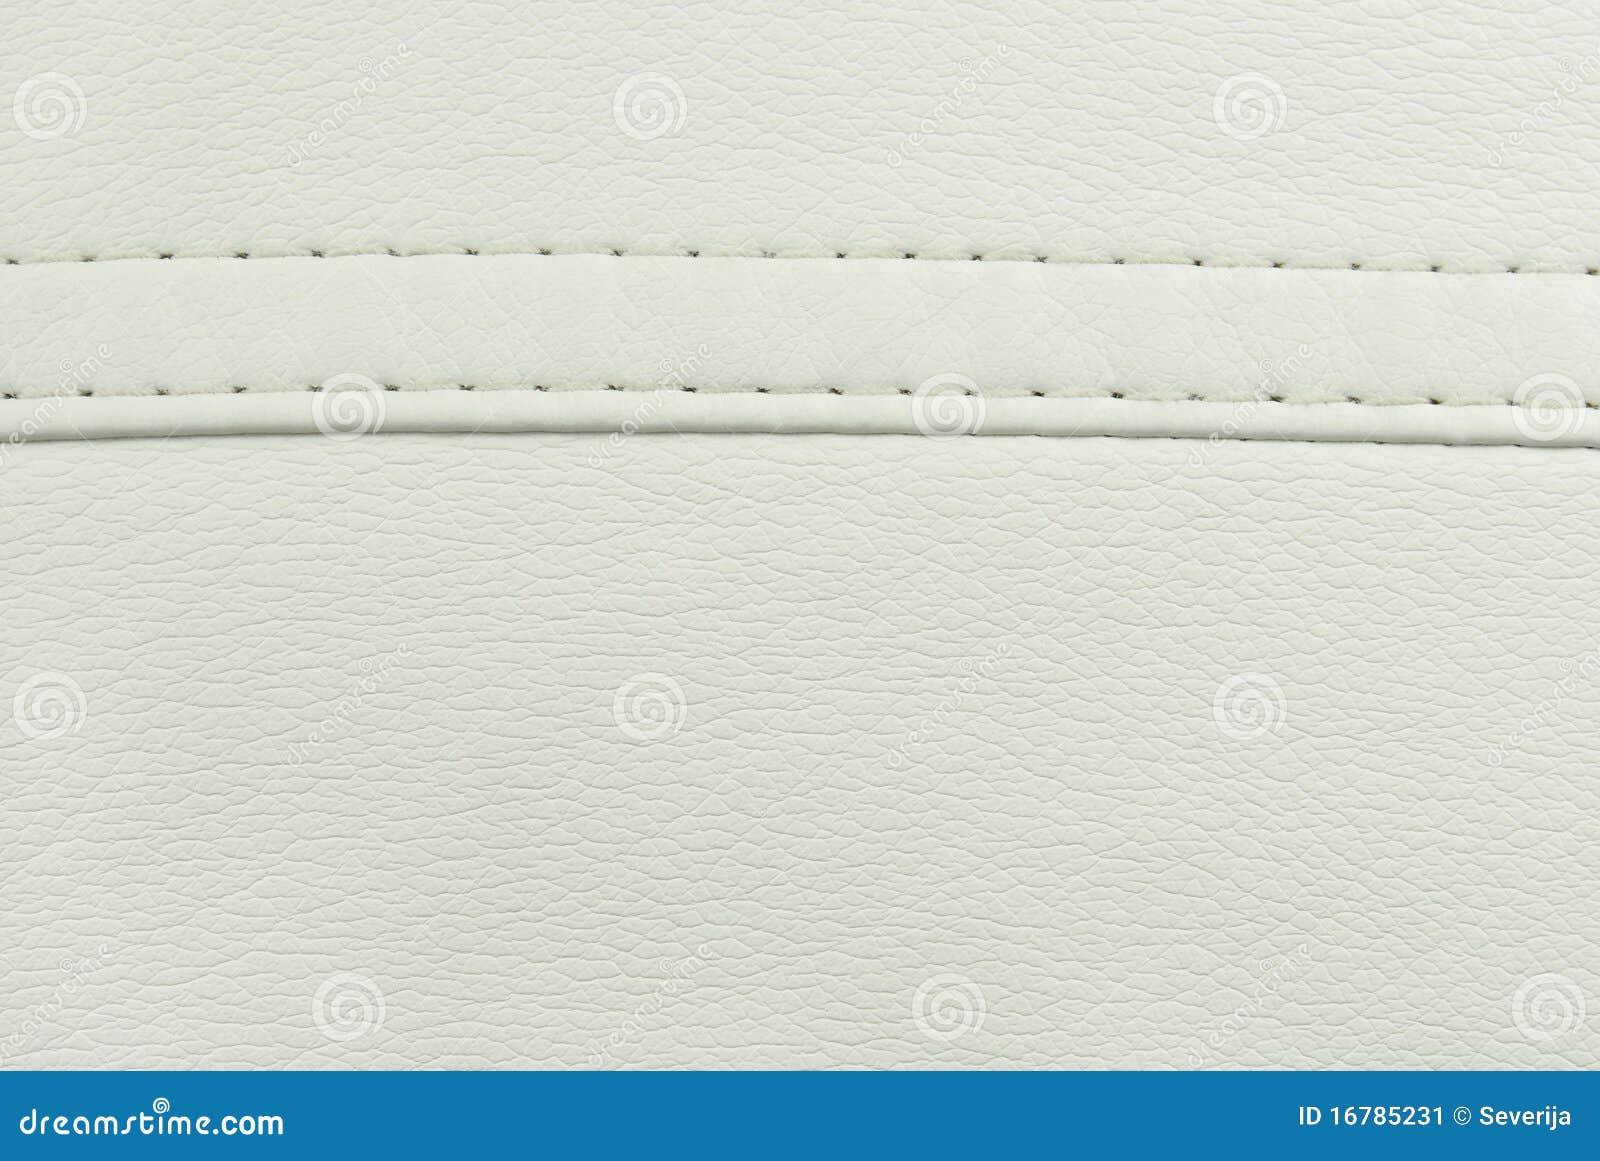 Textura De La Costura Del Cuero Blanco Imagen de archivo - Imagen de ...